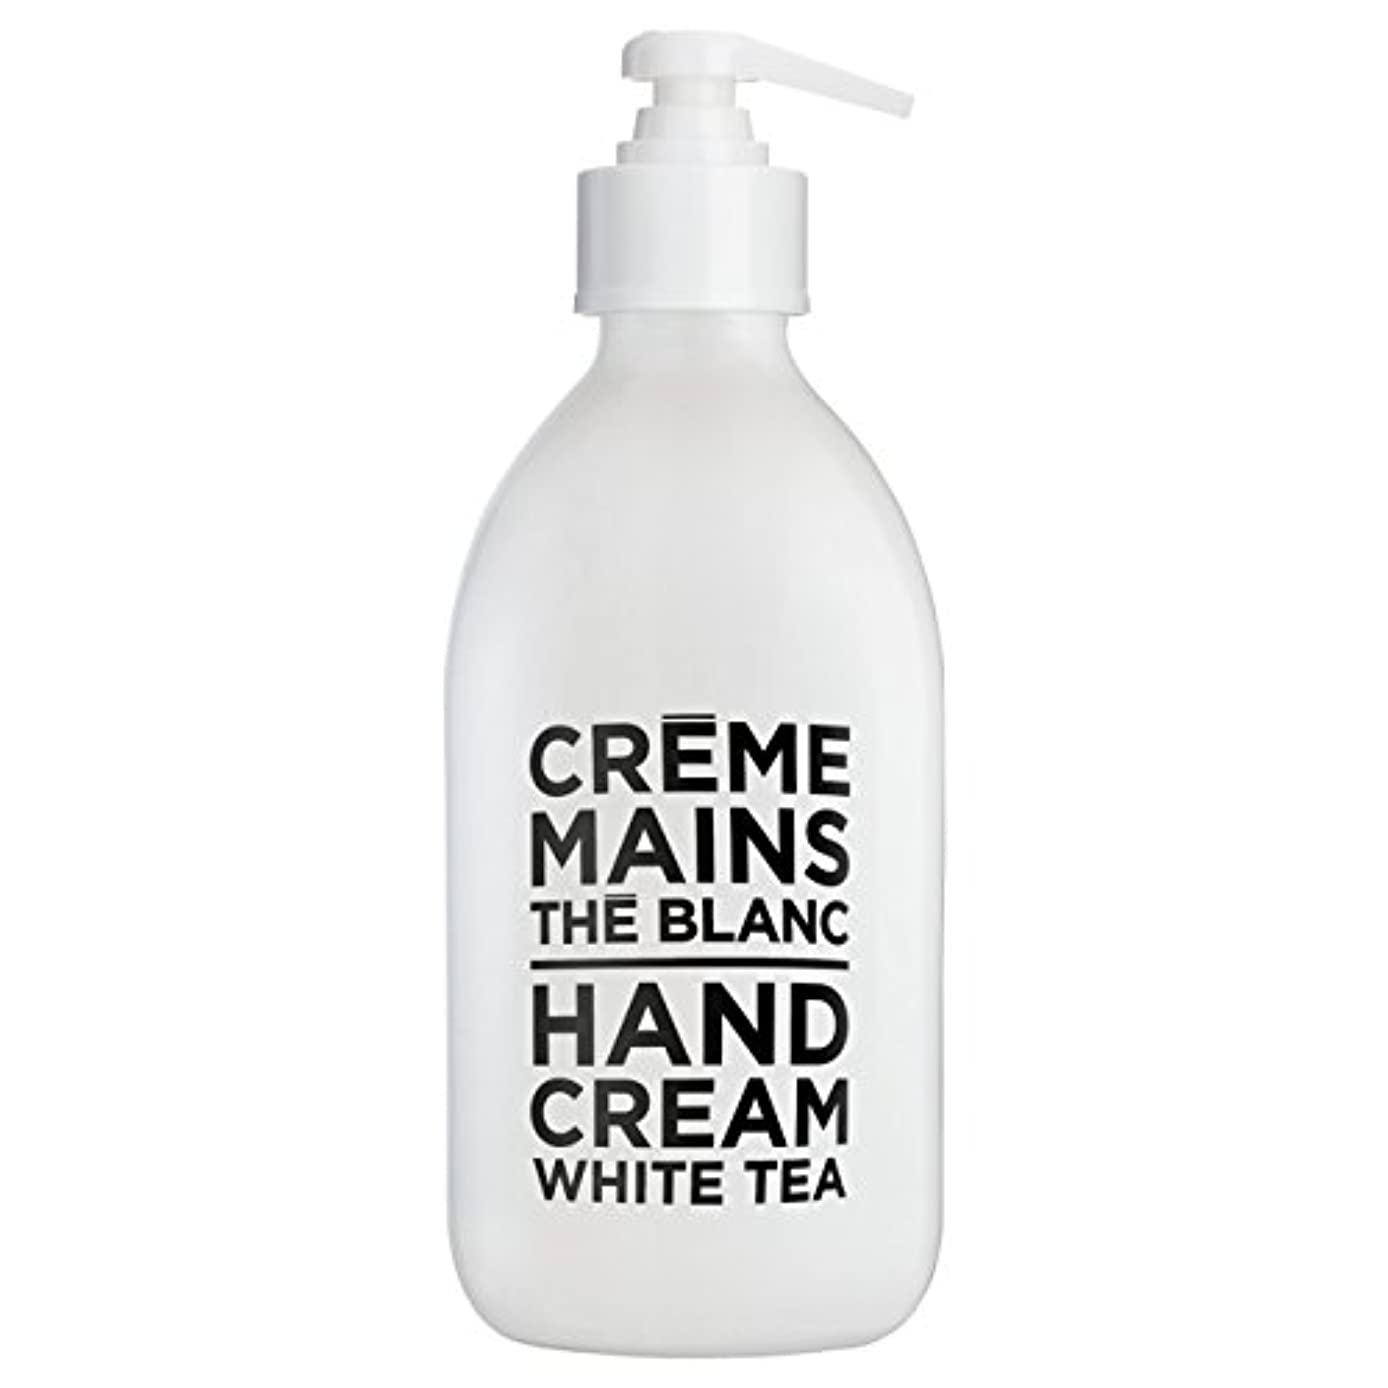 パウダー謙虚化学薬品カンパニードプロバンス ブラック&ホワイト ハンドクリーム ホワイトティー(ホワイトティーにシトラスを添えた気品ある香り) 300ml